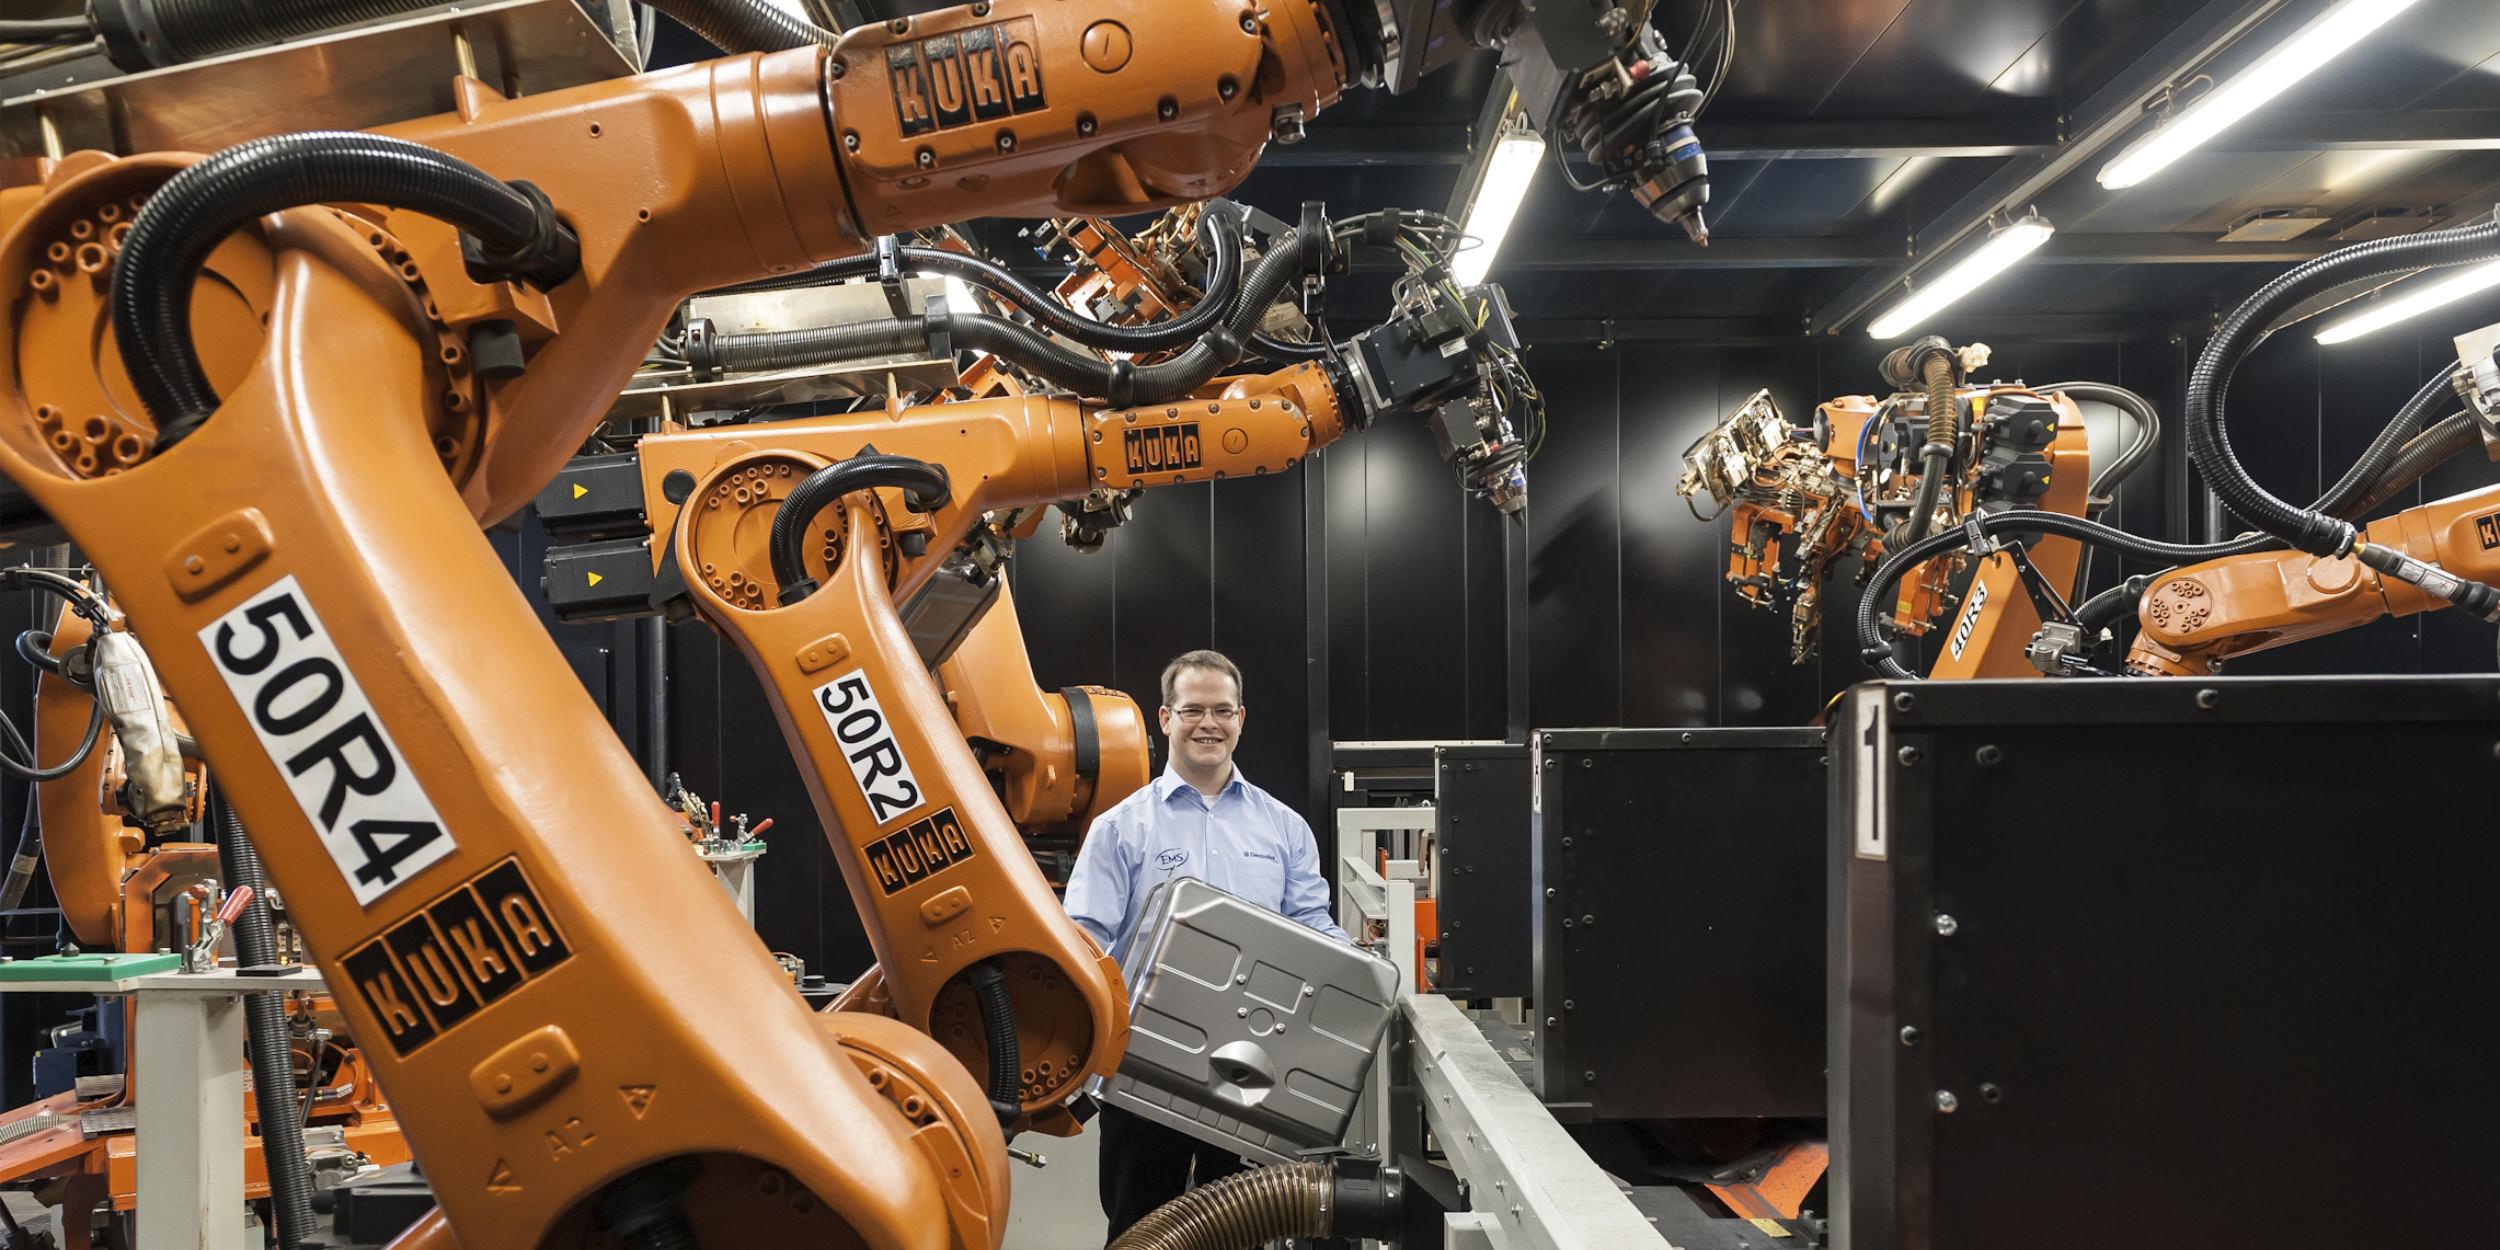 Industriefotografie Stuttgart und Umgebung Electrolux Portrait KUKA Roboter Rothenburg ob der Tauber